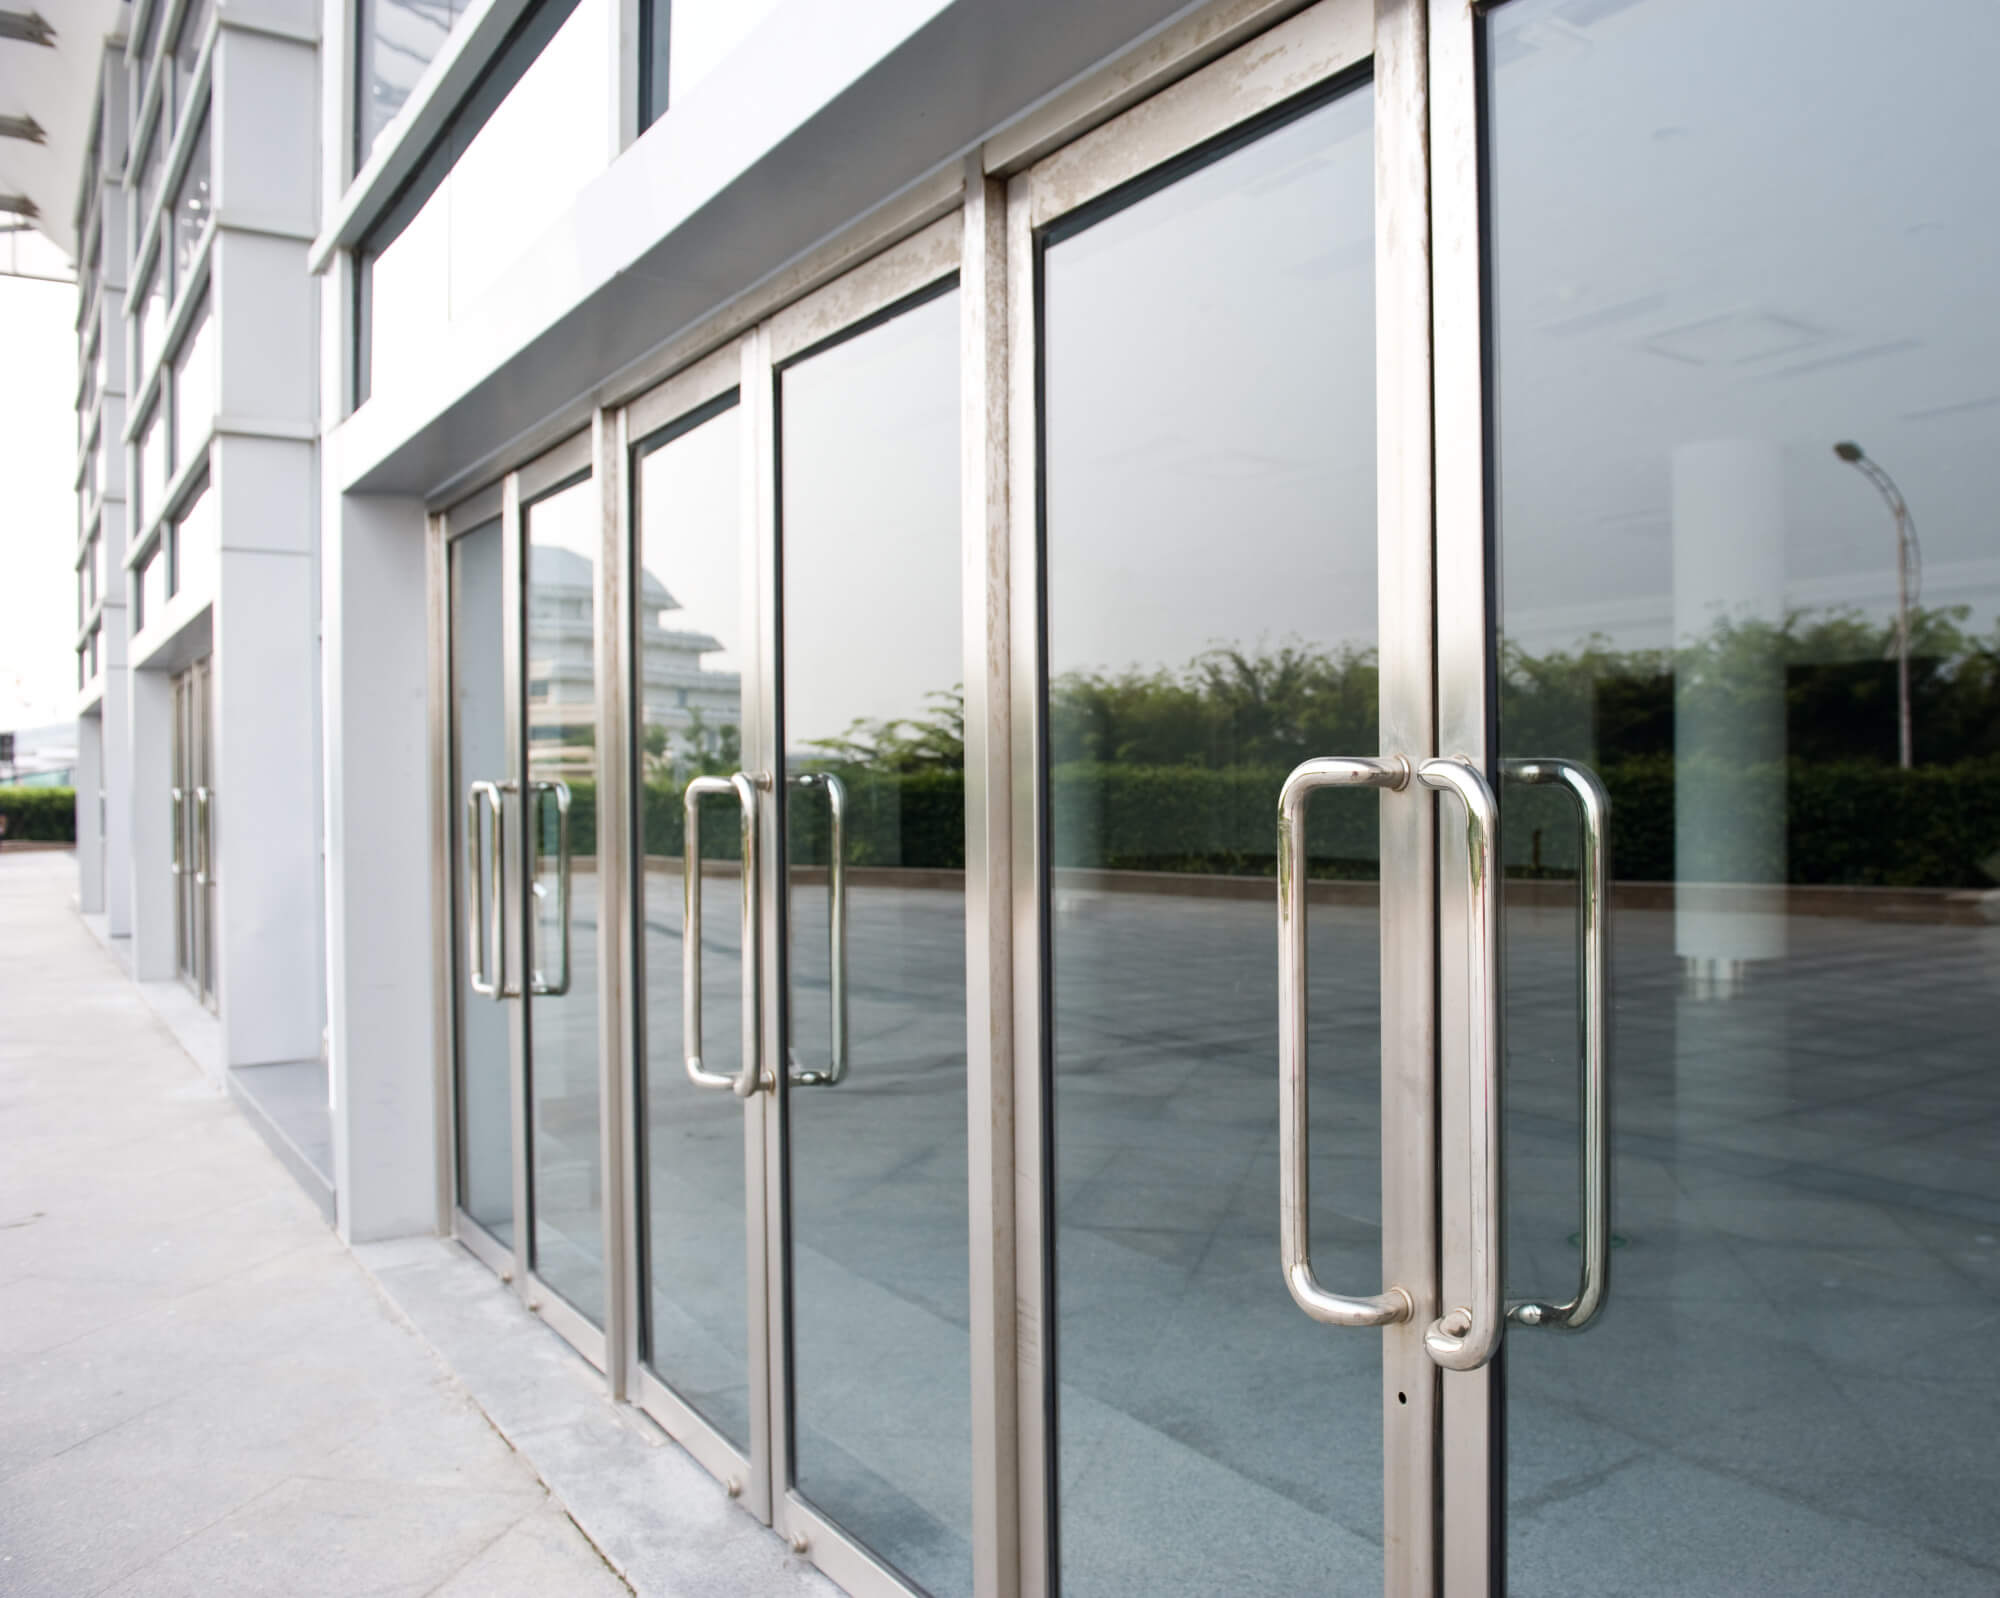 Commercial Door for Your Building